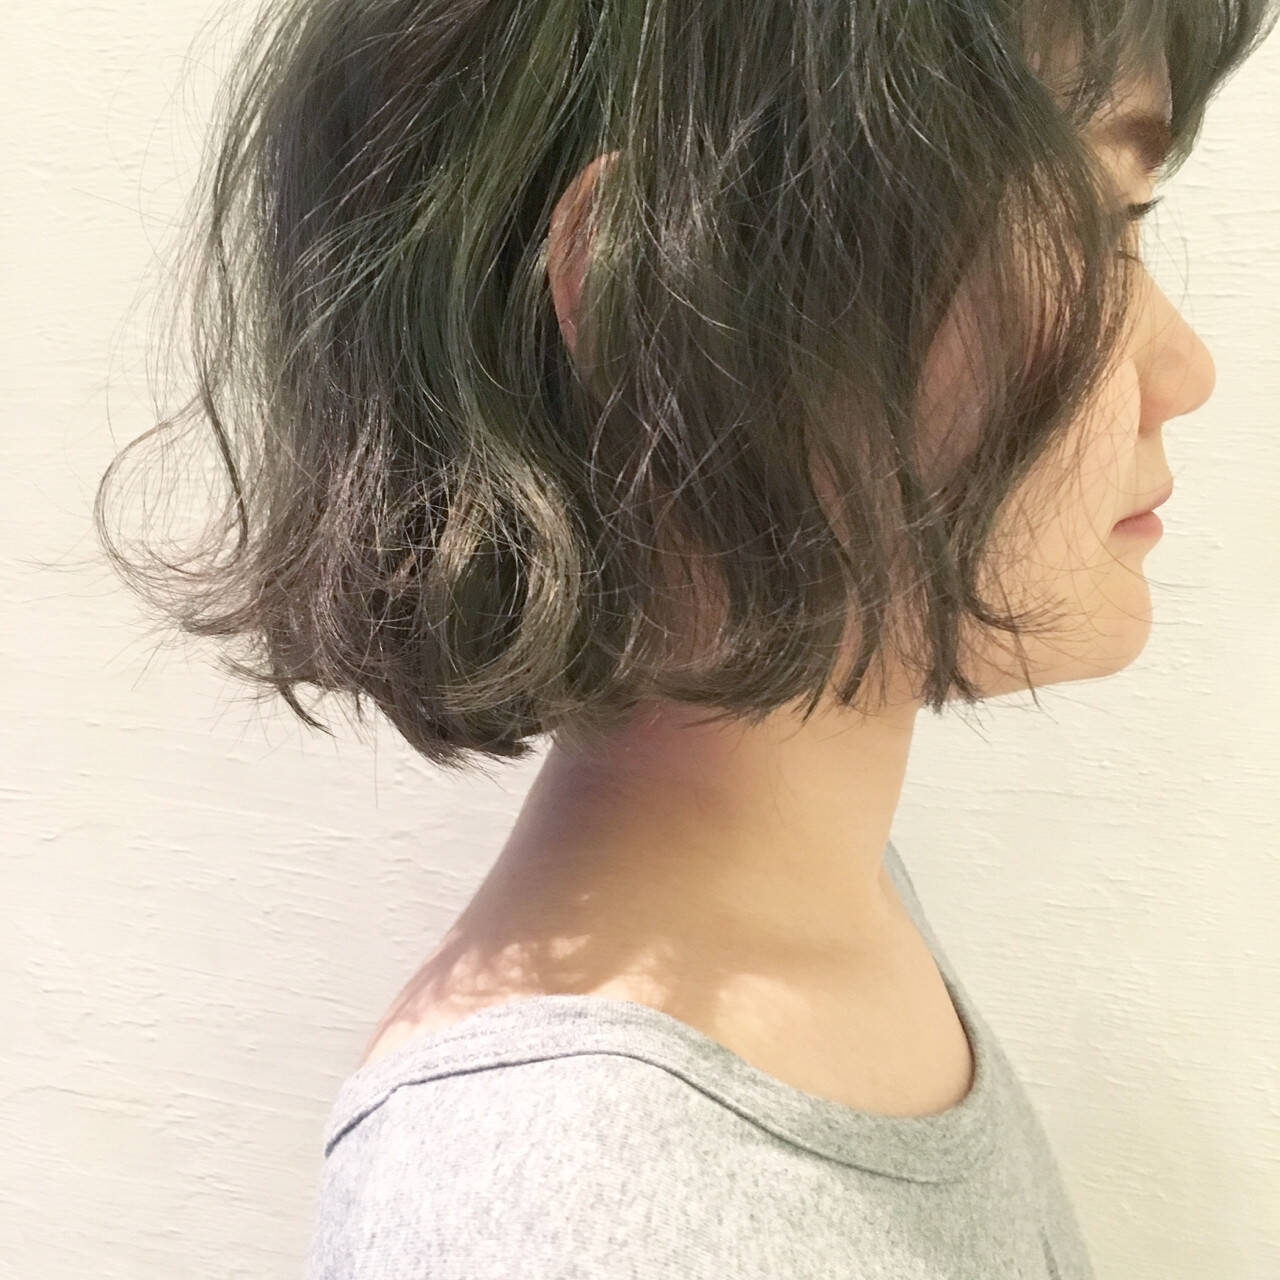 暗髪 グラデーションカラー ゆるふわ パーマヘアスタイルや髪型の写真・画像